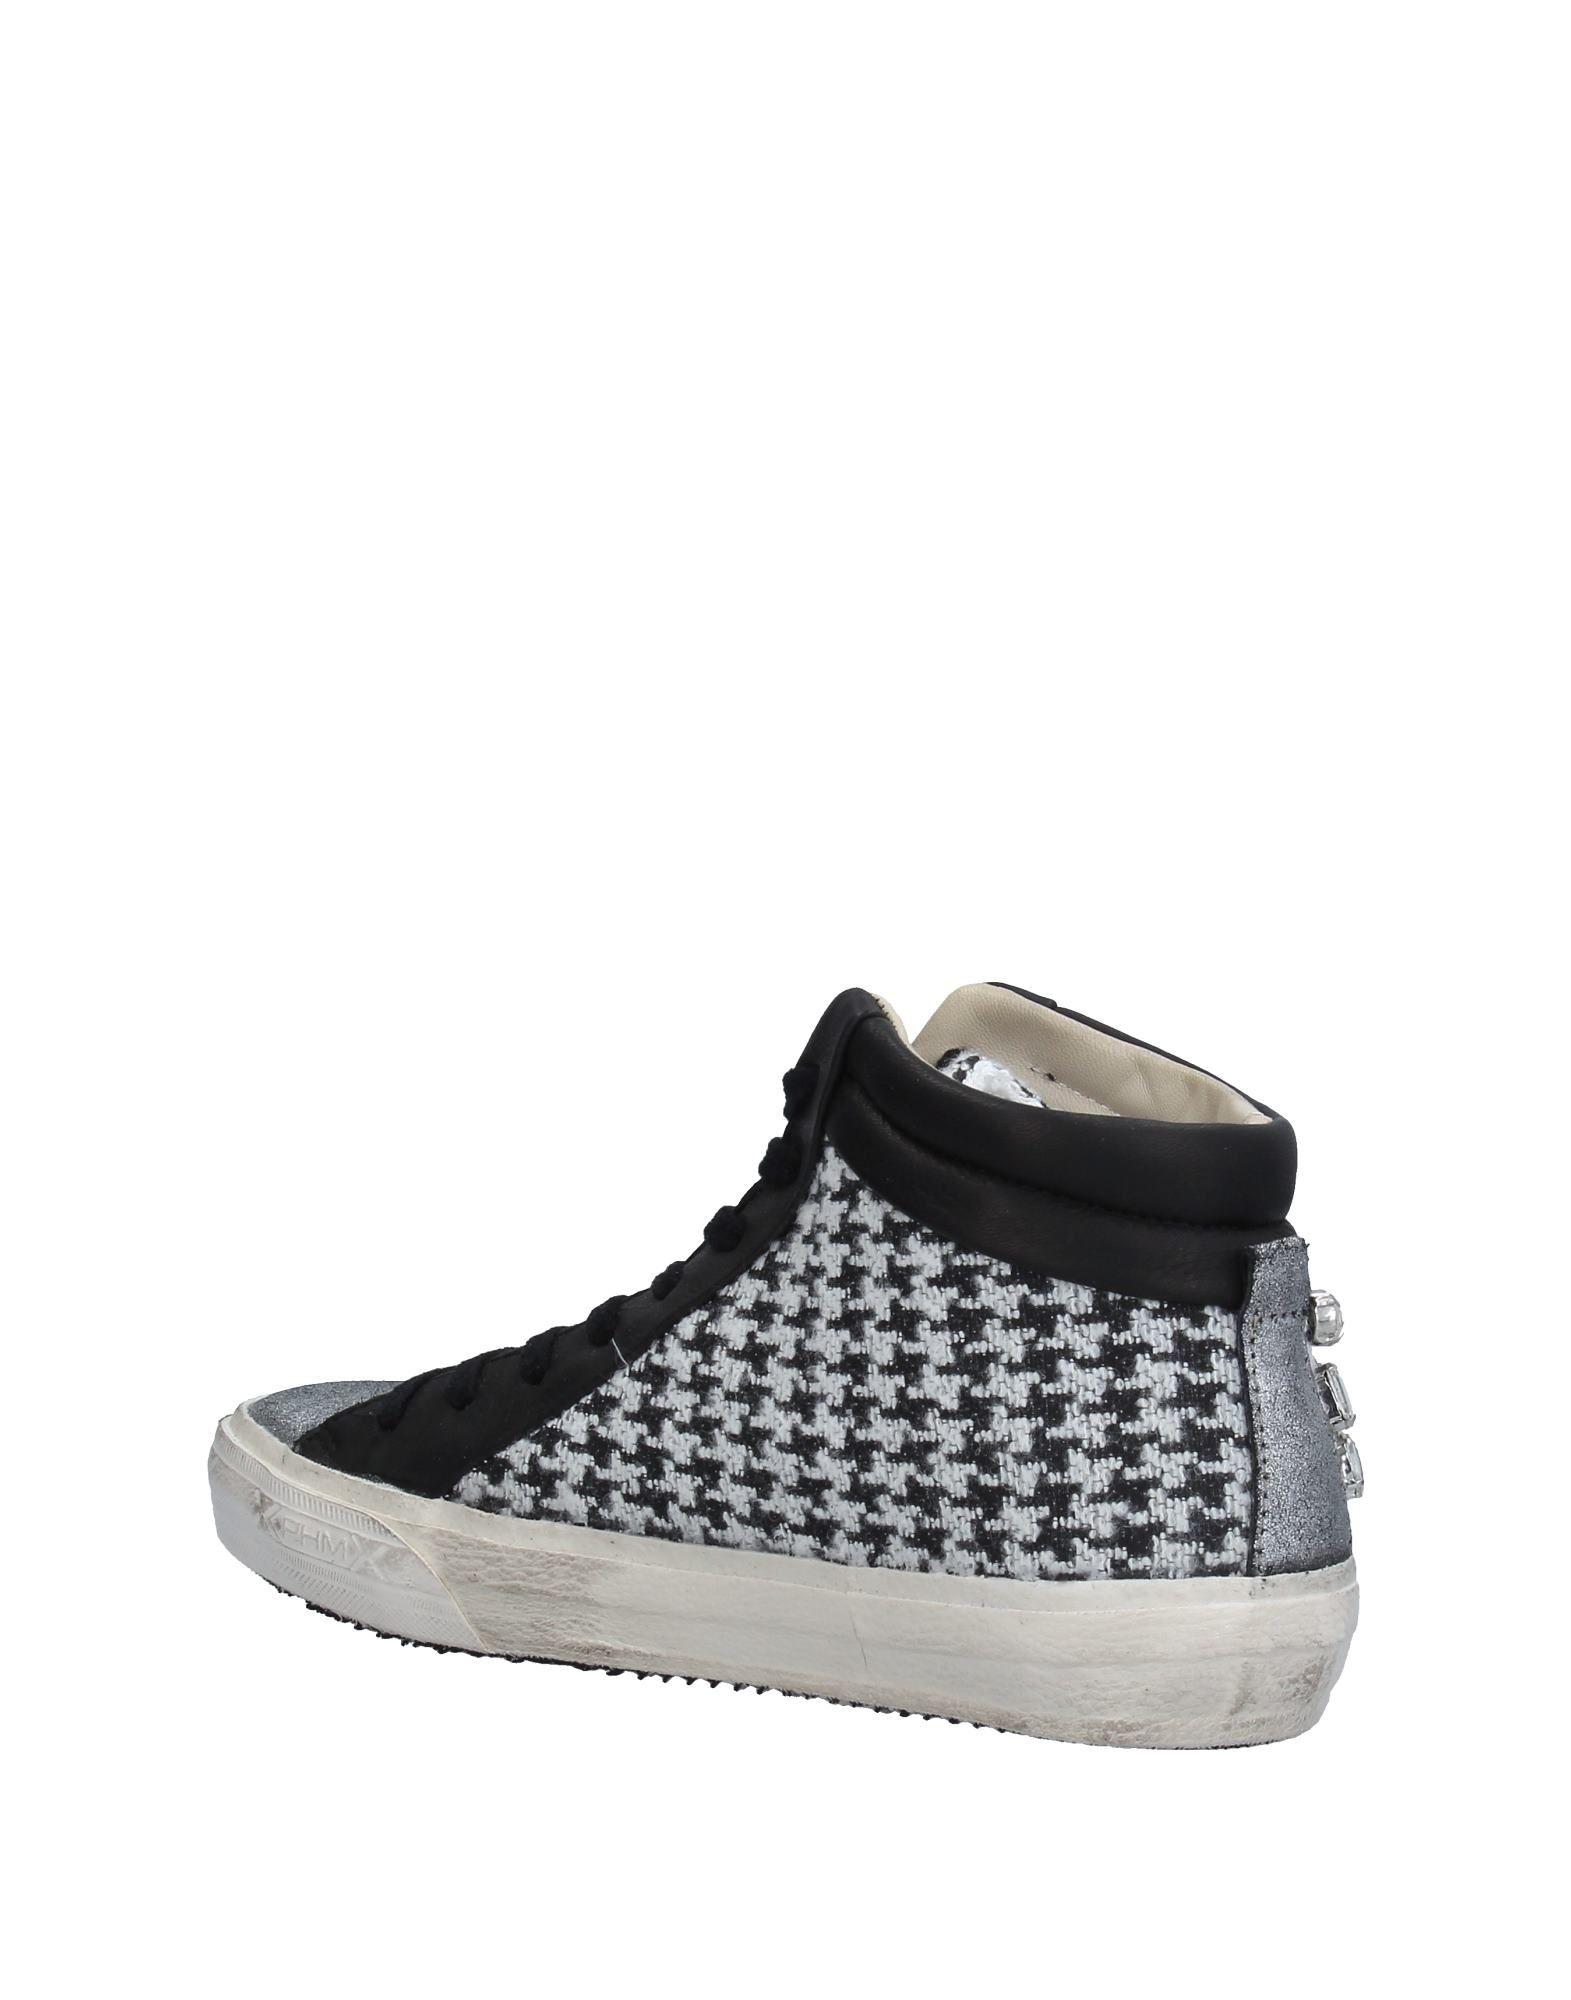 Stilvolle Sneakers billige Schuhe Philippe Model Sneakers Stilvolle Damen  11251163HO 85f594